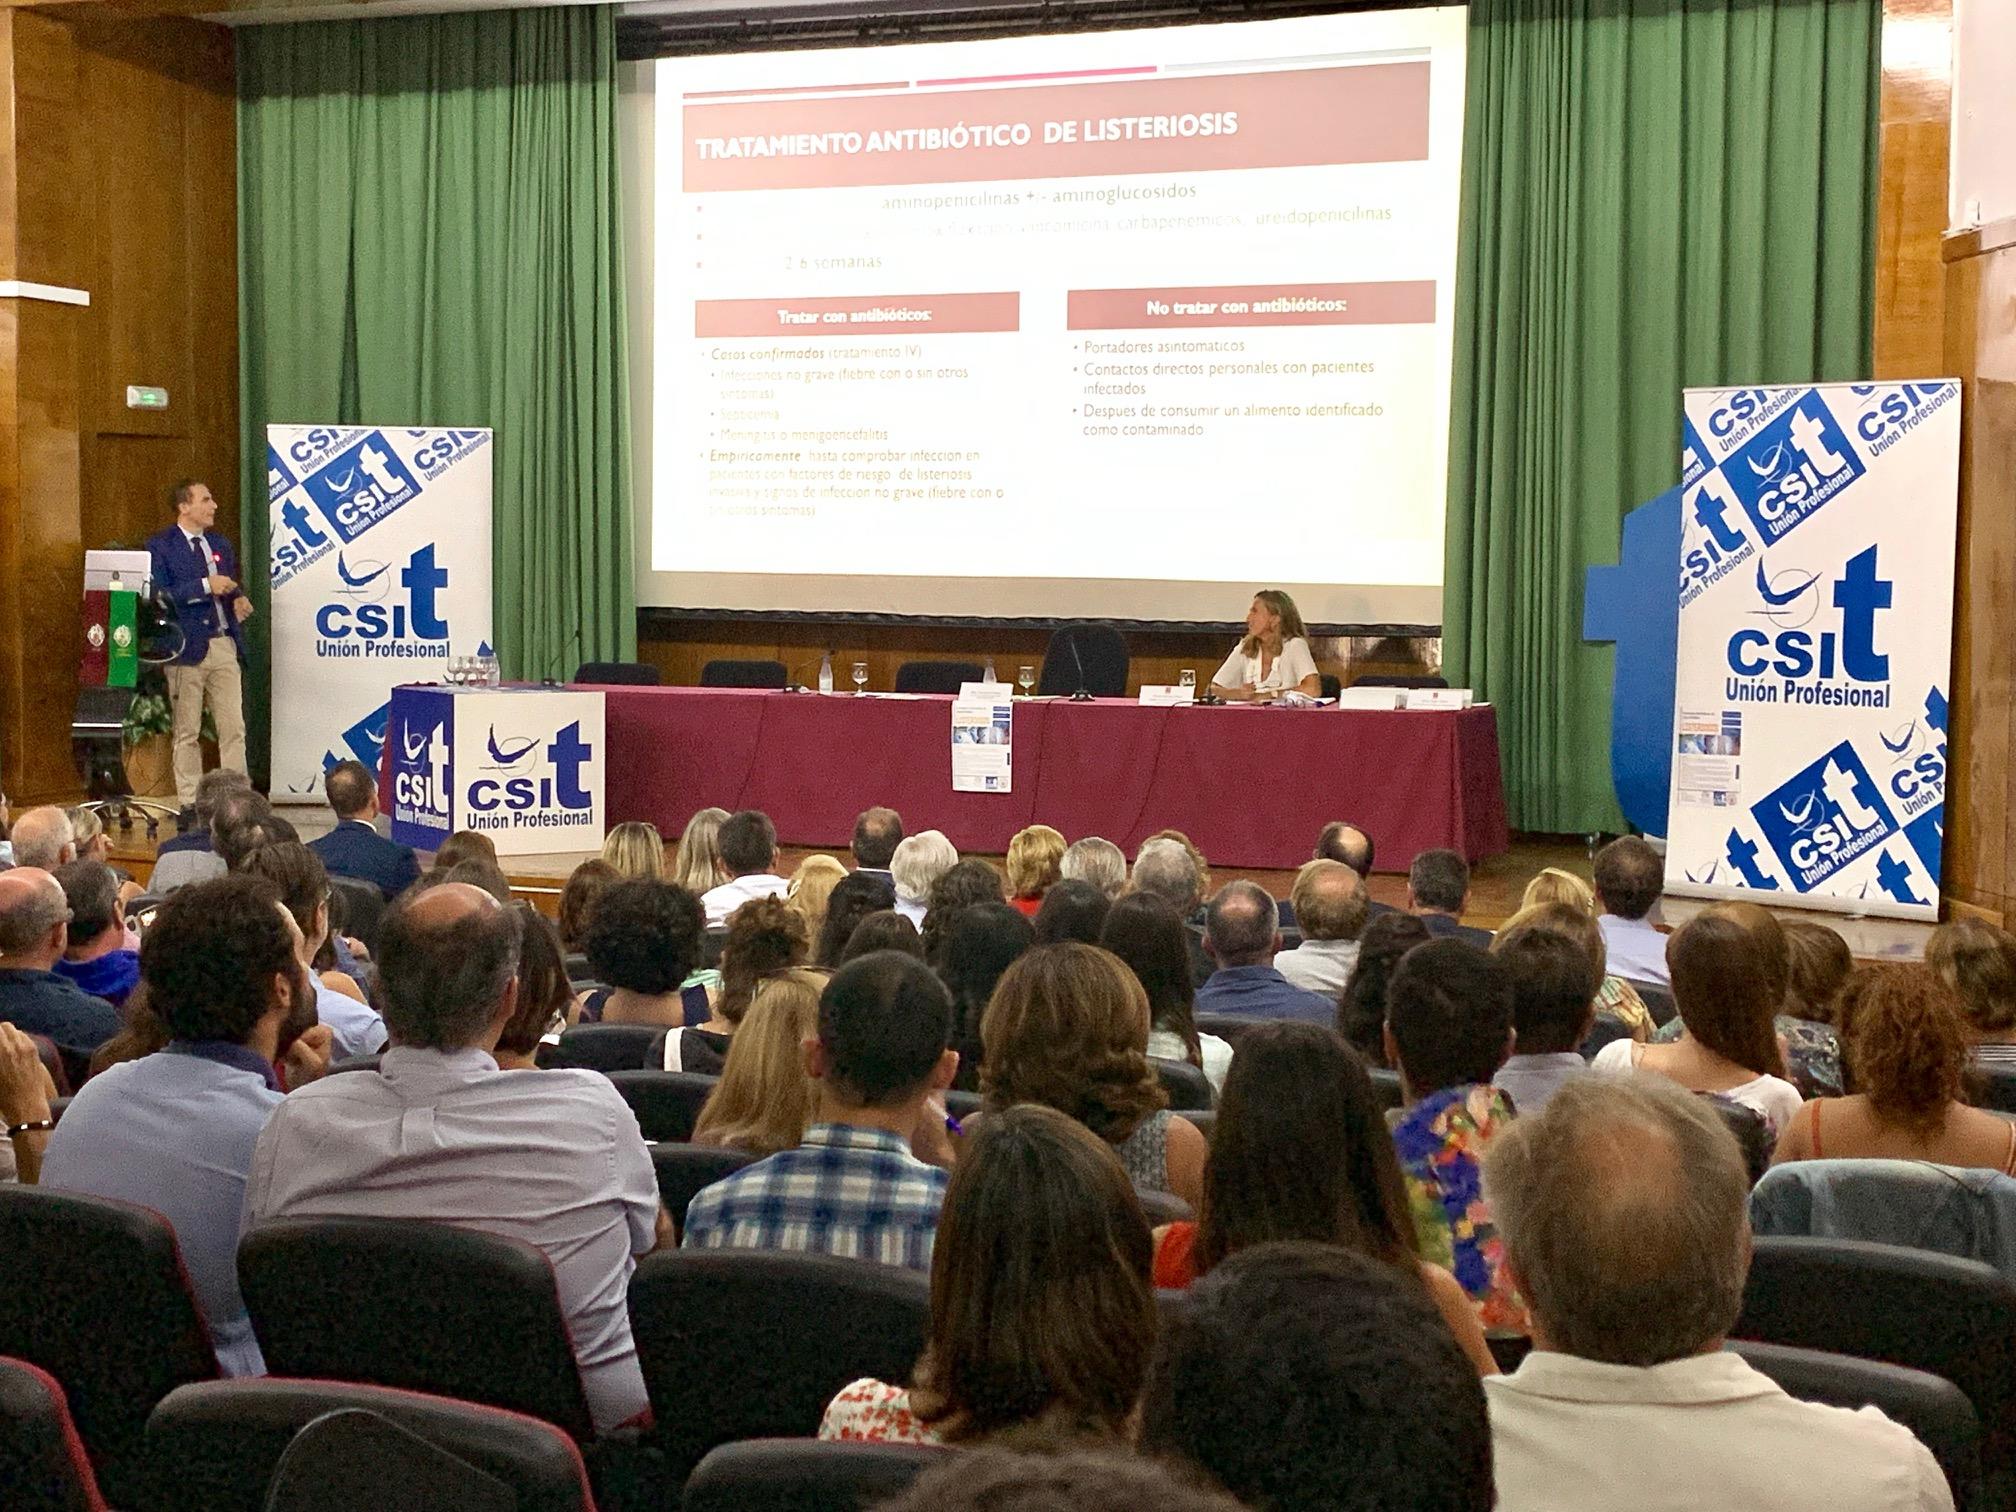 El salón de actos de la Facultad de Veterinaria de la UCM, durante la última ponencia de la II Jornada de Salud Pública: Listeriosis